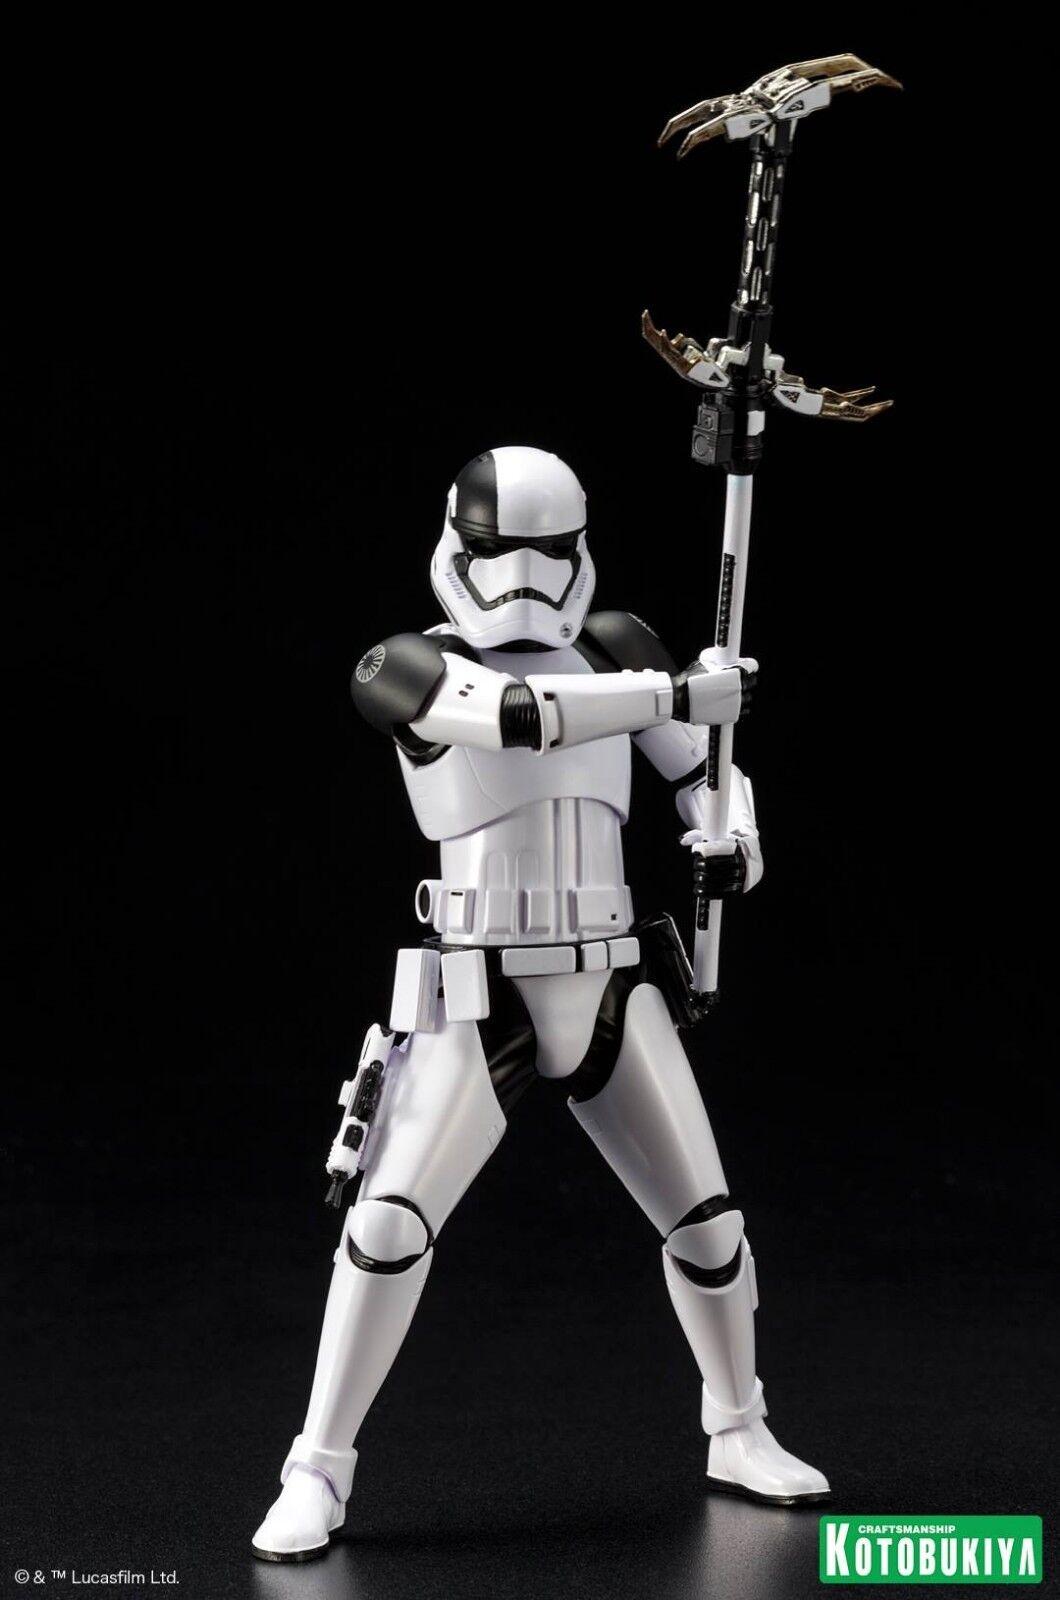 Star Wars First Order Executioner Stormtrooper ArtFX+ Statue Kotobukiya  | ein guter Ruf in der Welt